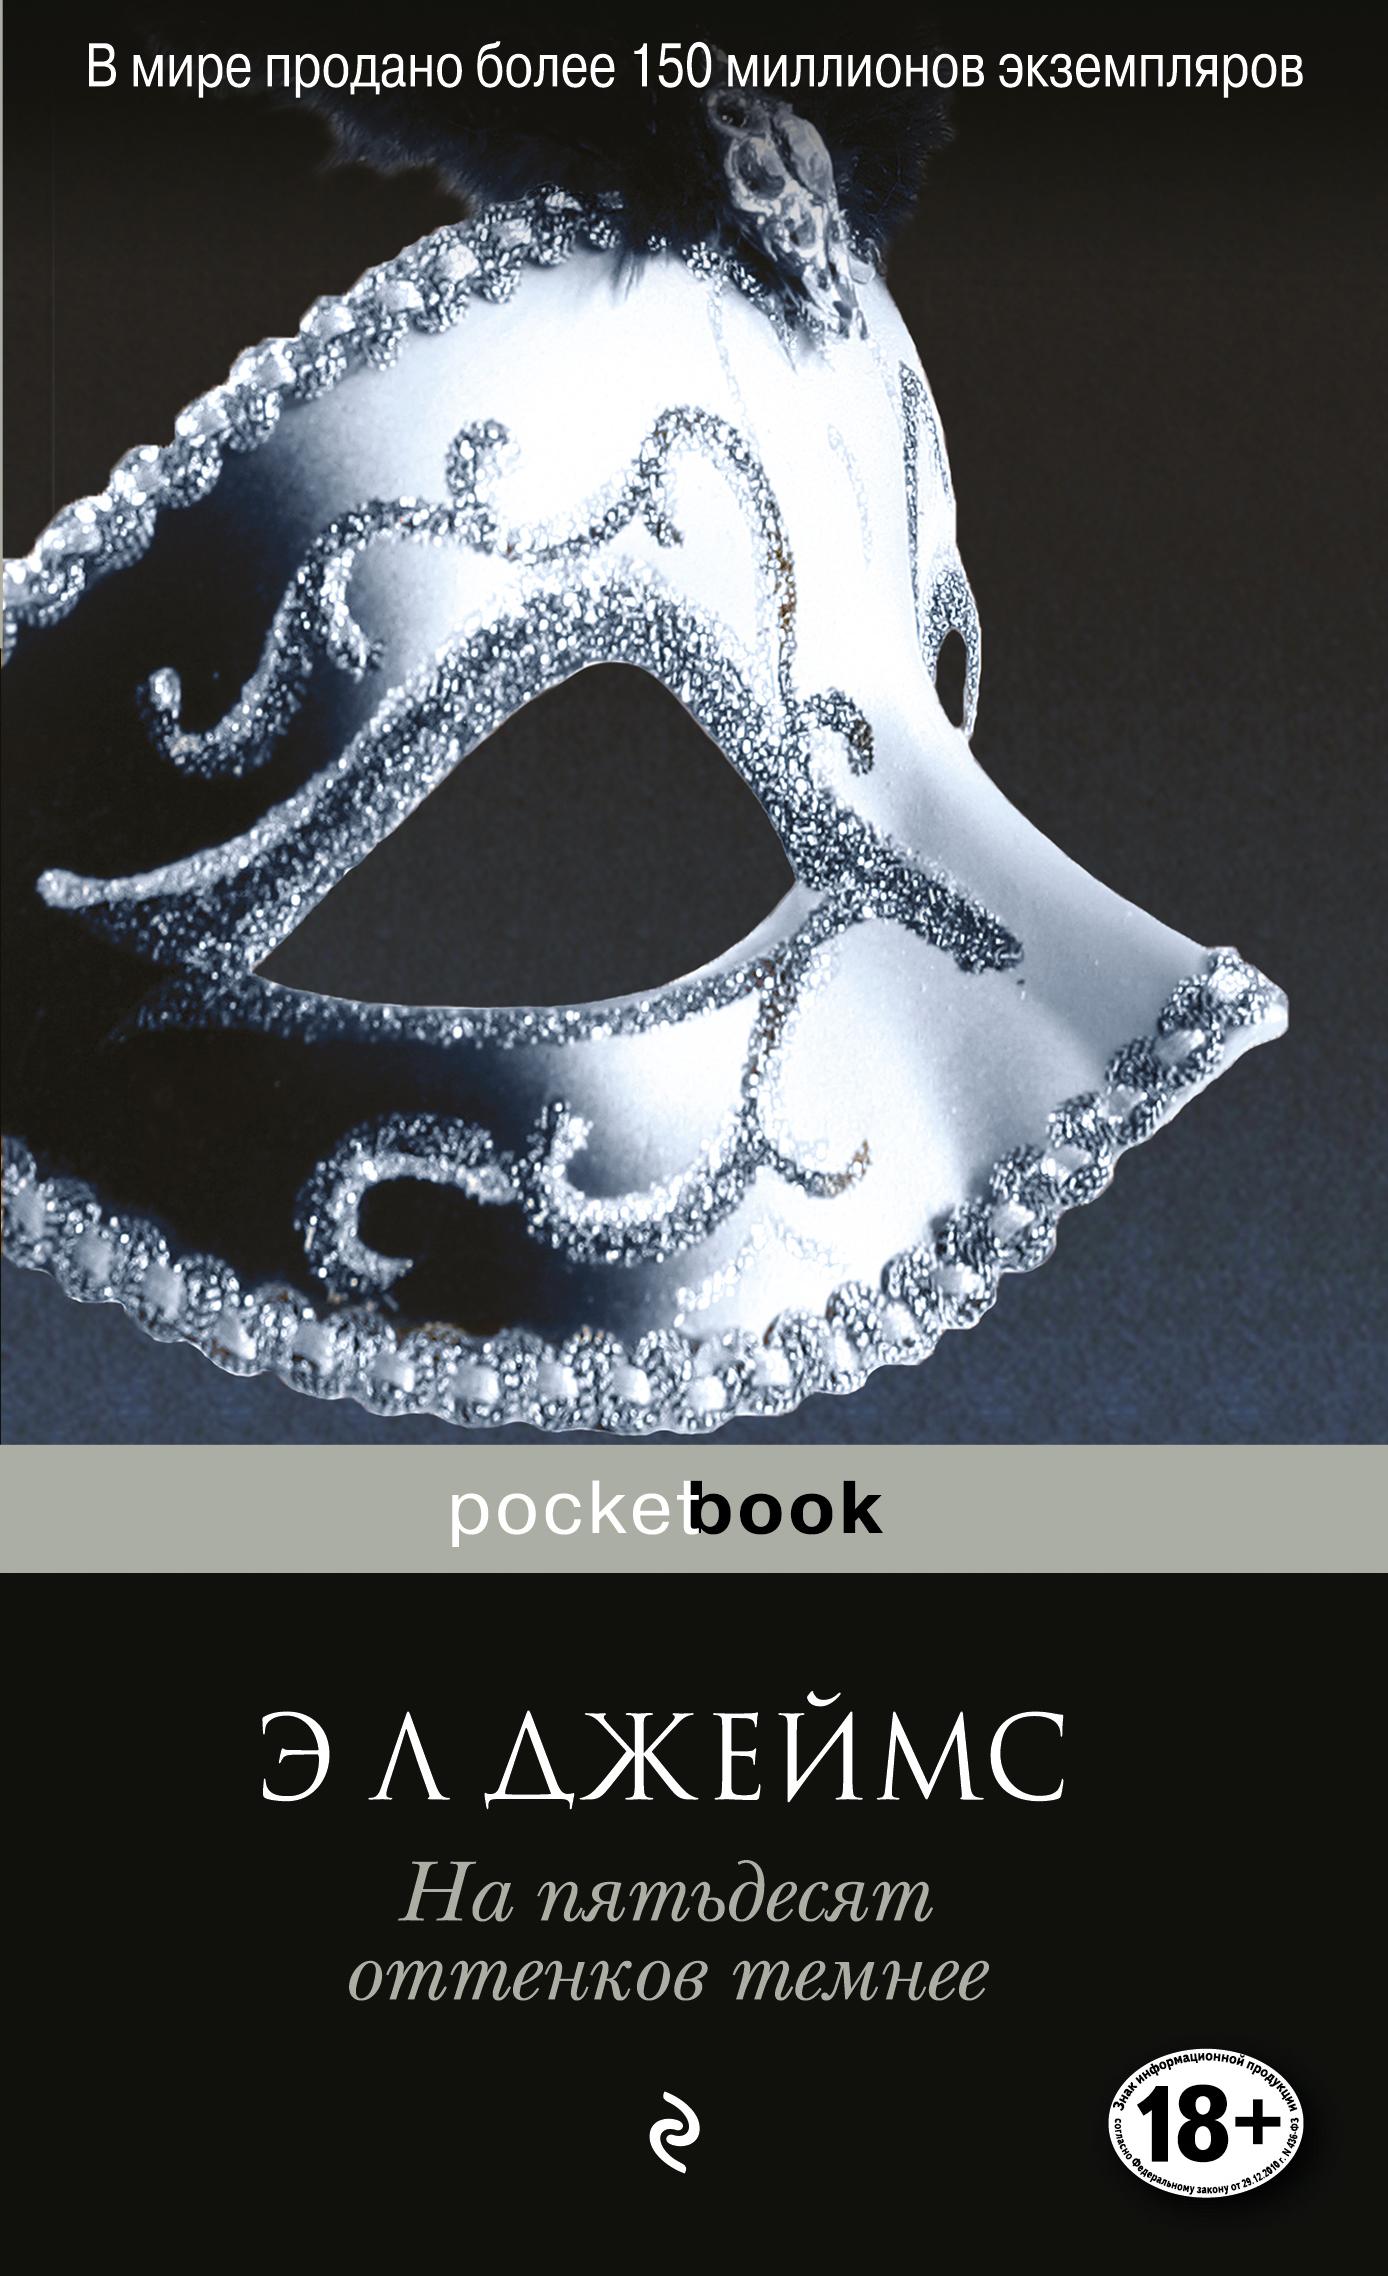 Э Л Джеймс На пятьдесят оттенков темнее ISBN: 978-5-699-94919-9, 978-5-699-94920-5